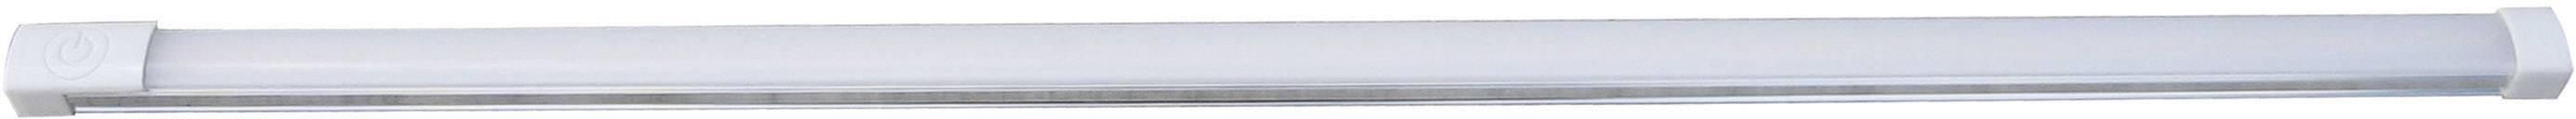 LED podhľadové svetlo DioDor Diodor lichtbalk DIO-TL60-FW, 10 W, 60 cm, chladná biela, biela